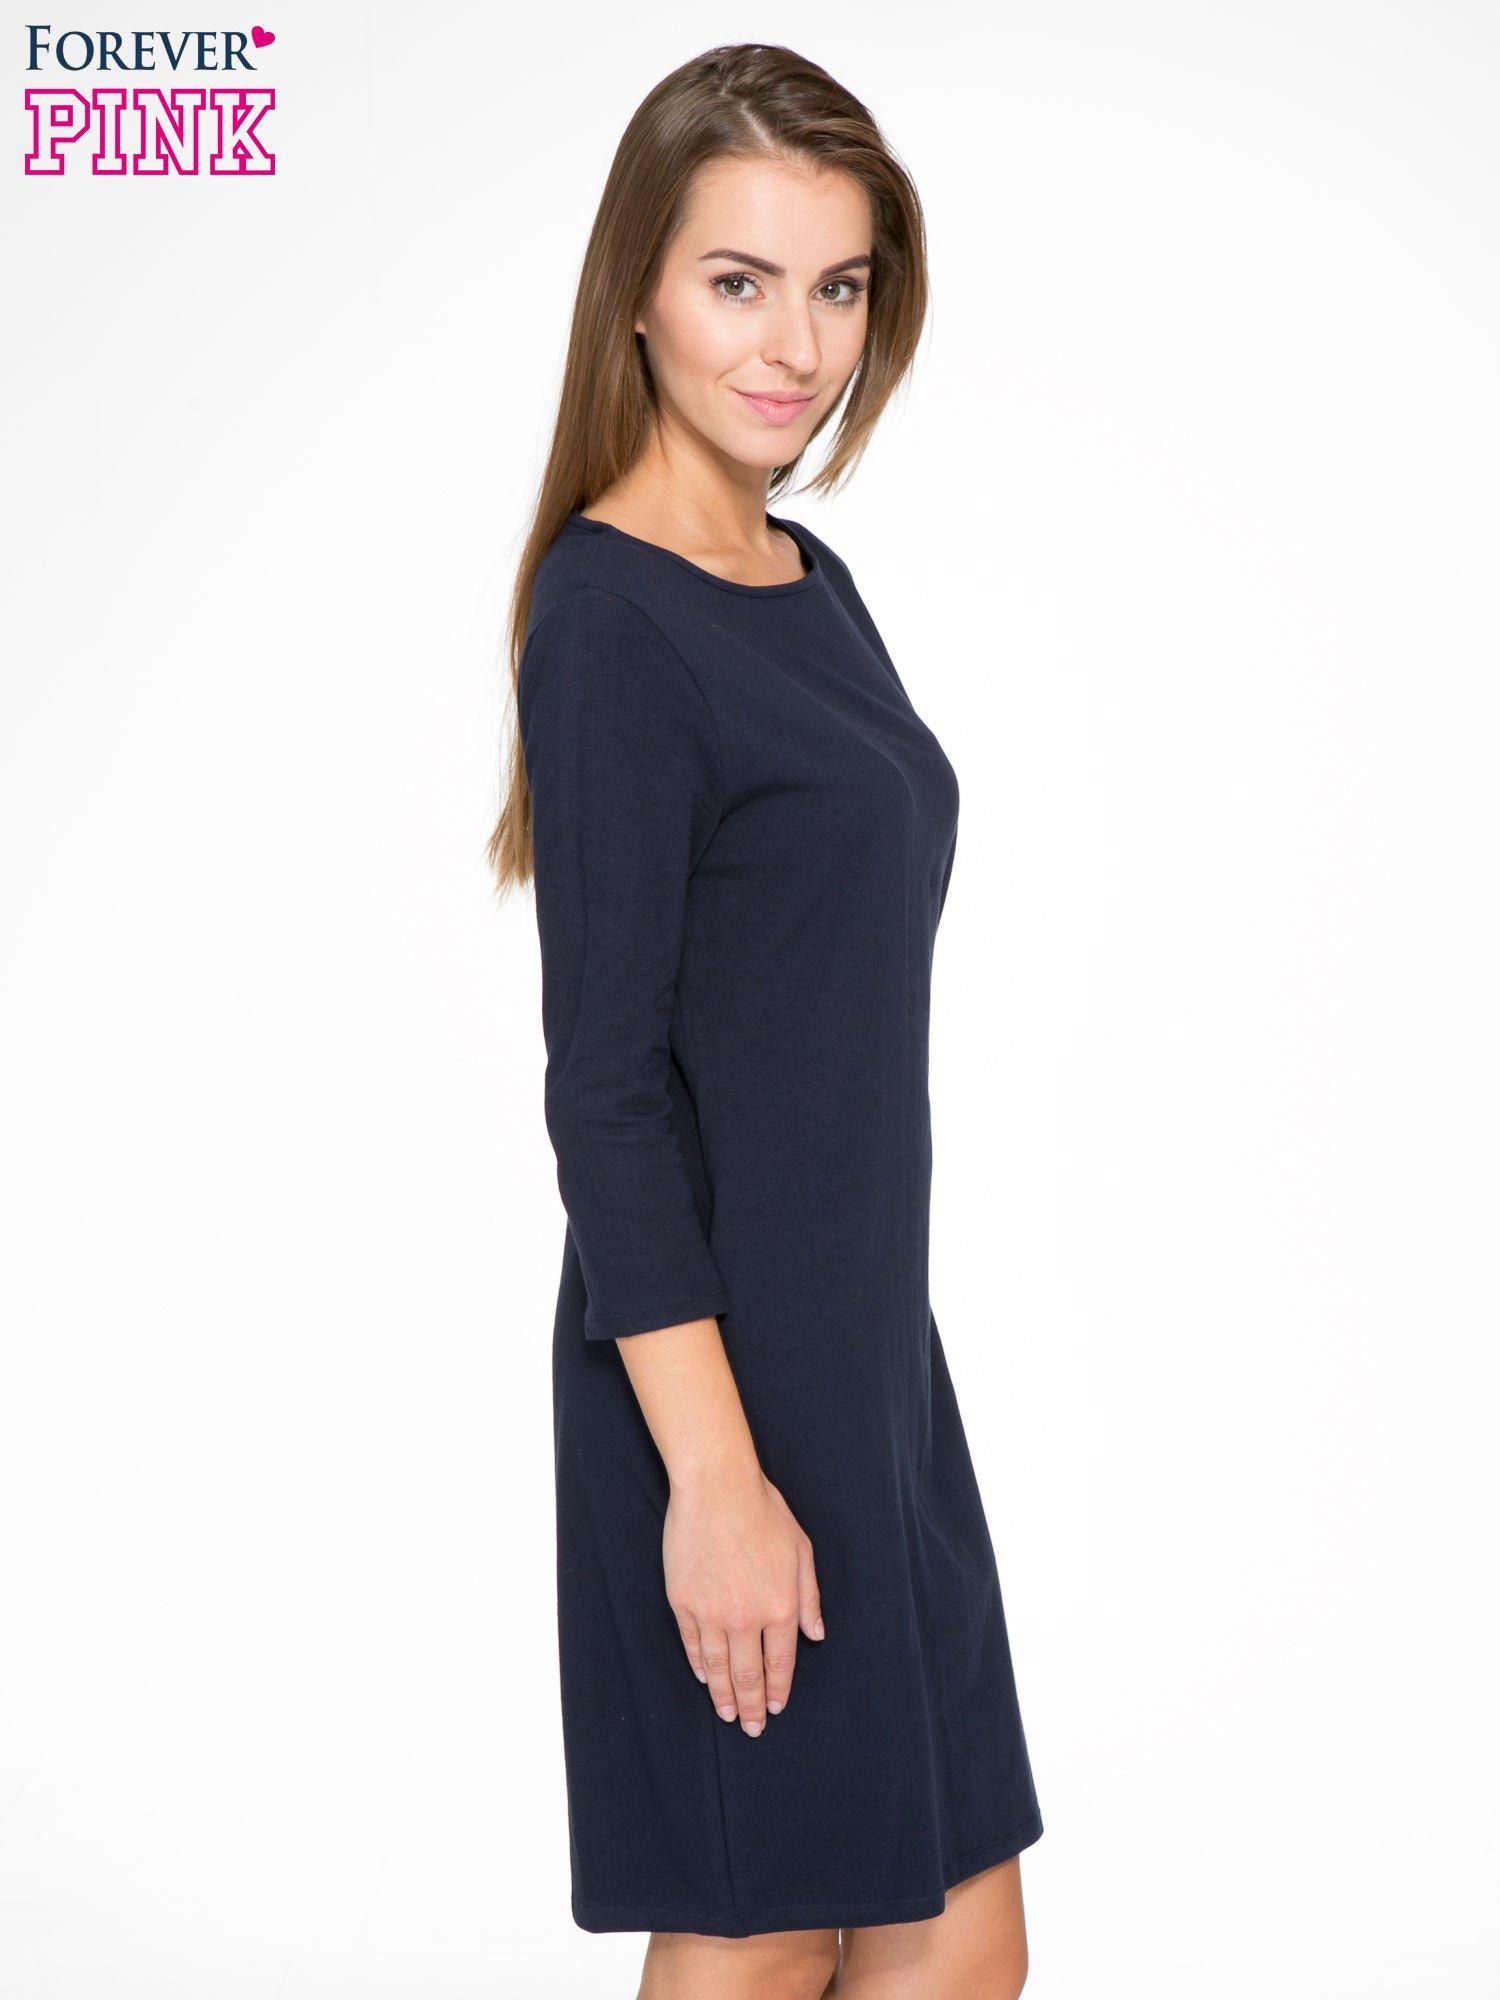 Ciemnogranatowa dresowa sukienka z kieszeniami po bokach                                  zdj.                                  3